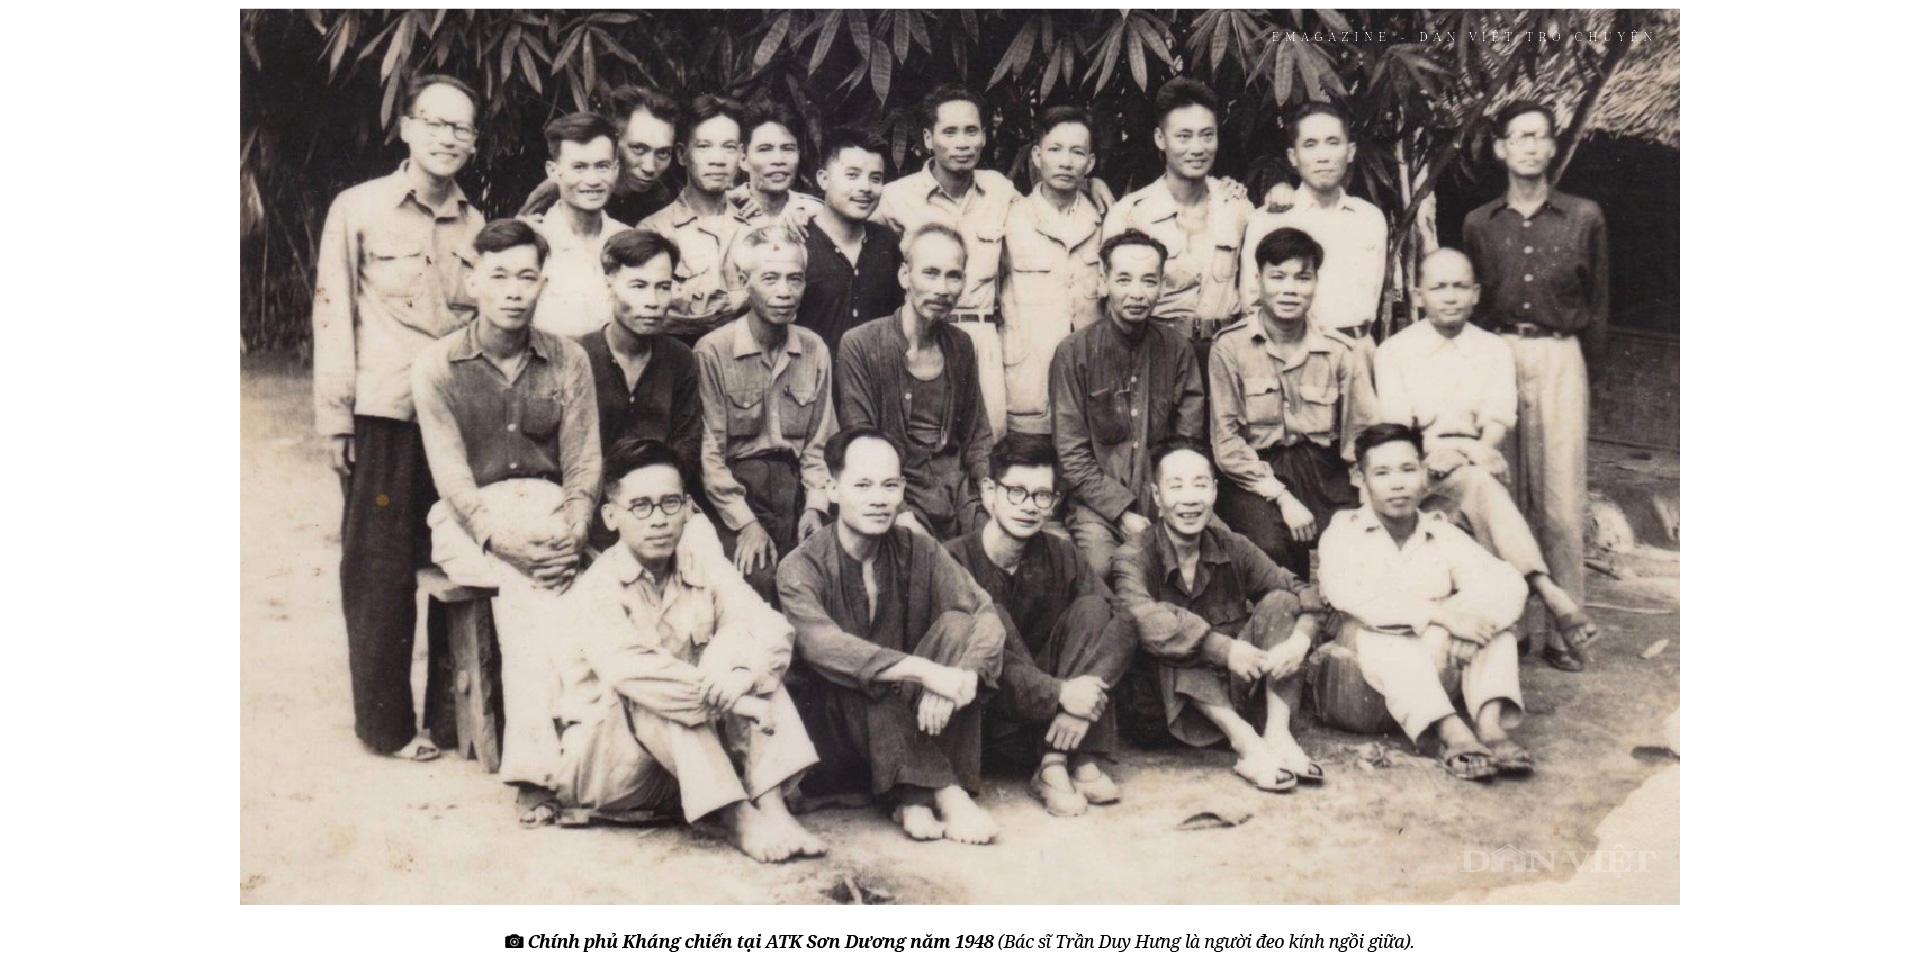 Bác sĩ Trần Duy Hưng – thị trưởng Hà Nội đầu tiên và lâu năm nhất - Ảnh 6.